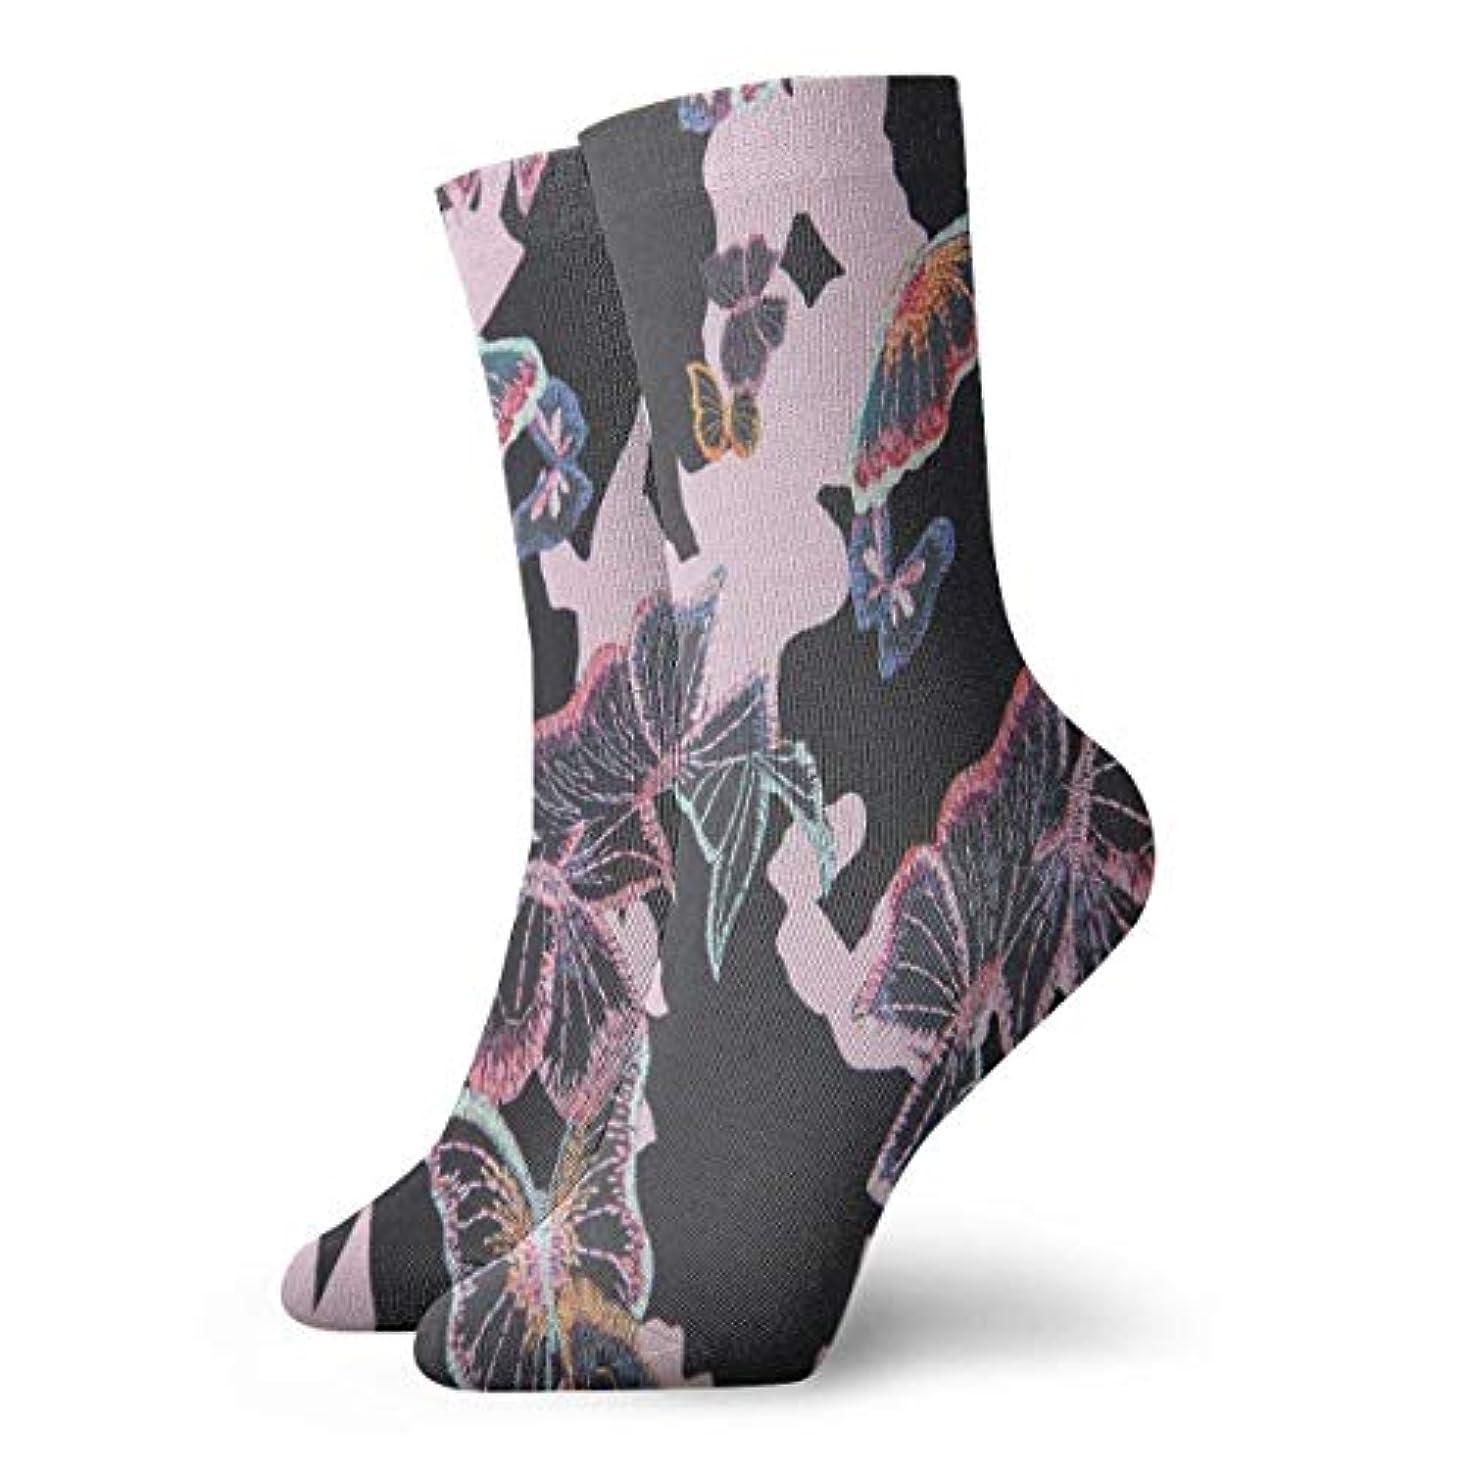 と組むピルファー懐疑論qrriyクリスマス靴下プリントされた非スリップ家庭床ソックス冬居心地の良いスリッパ靴下女性男性